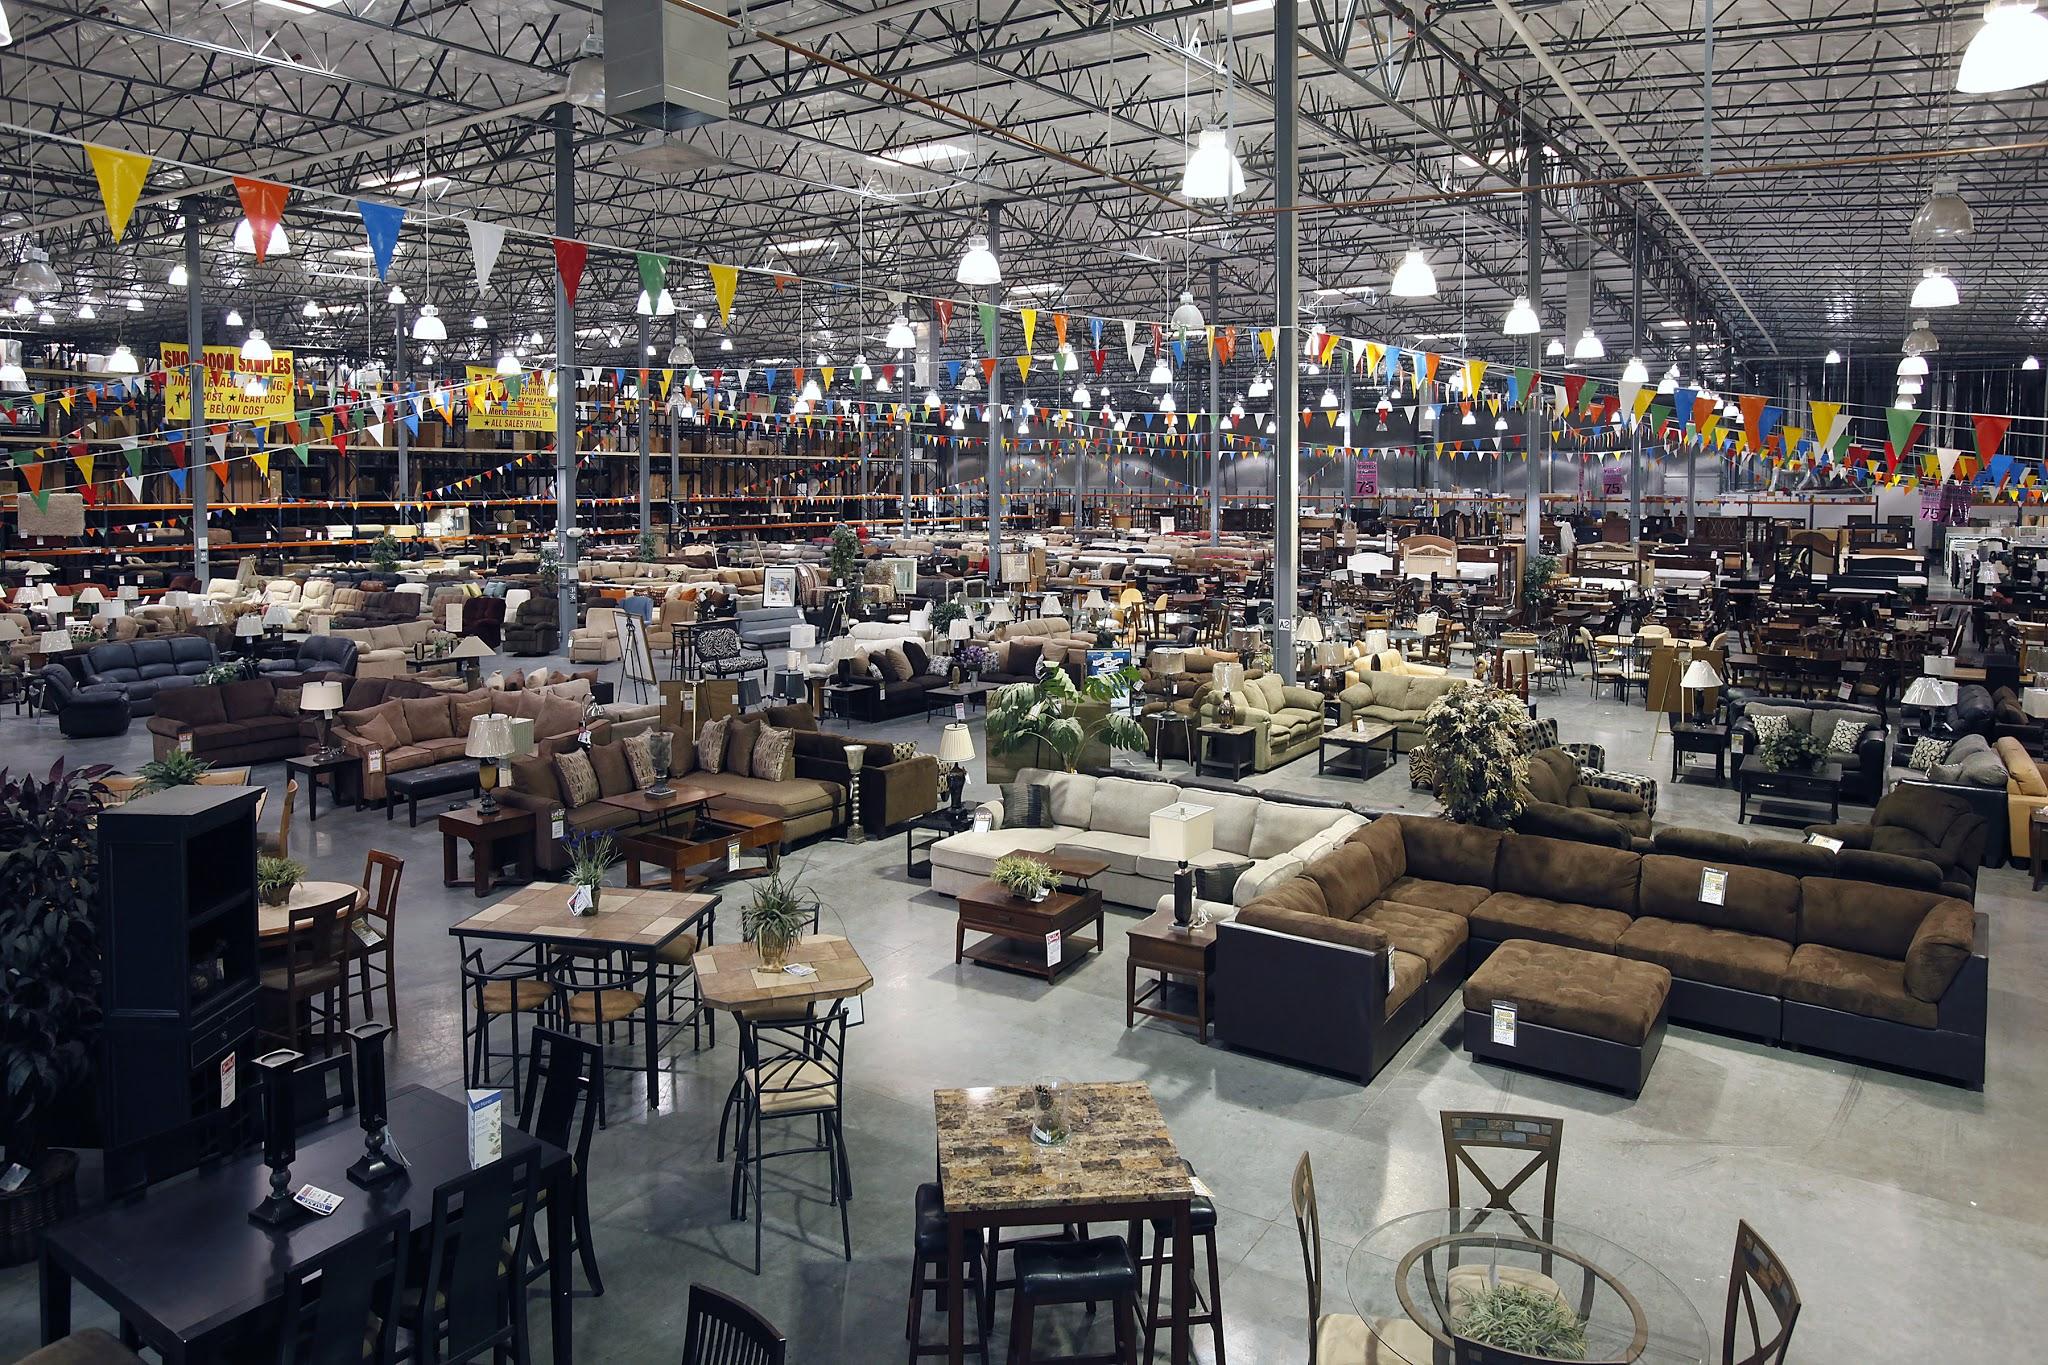 Elegant Walker Furniture Outlet U0026 Clearance 4150 E Cheyenne Ave, Las Vegas, NV  89115   YP.com